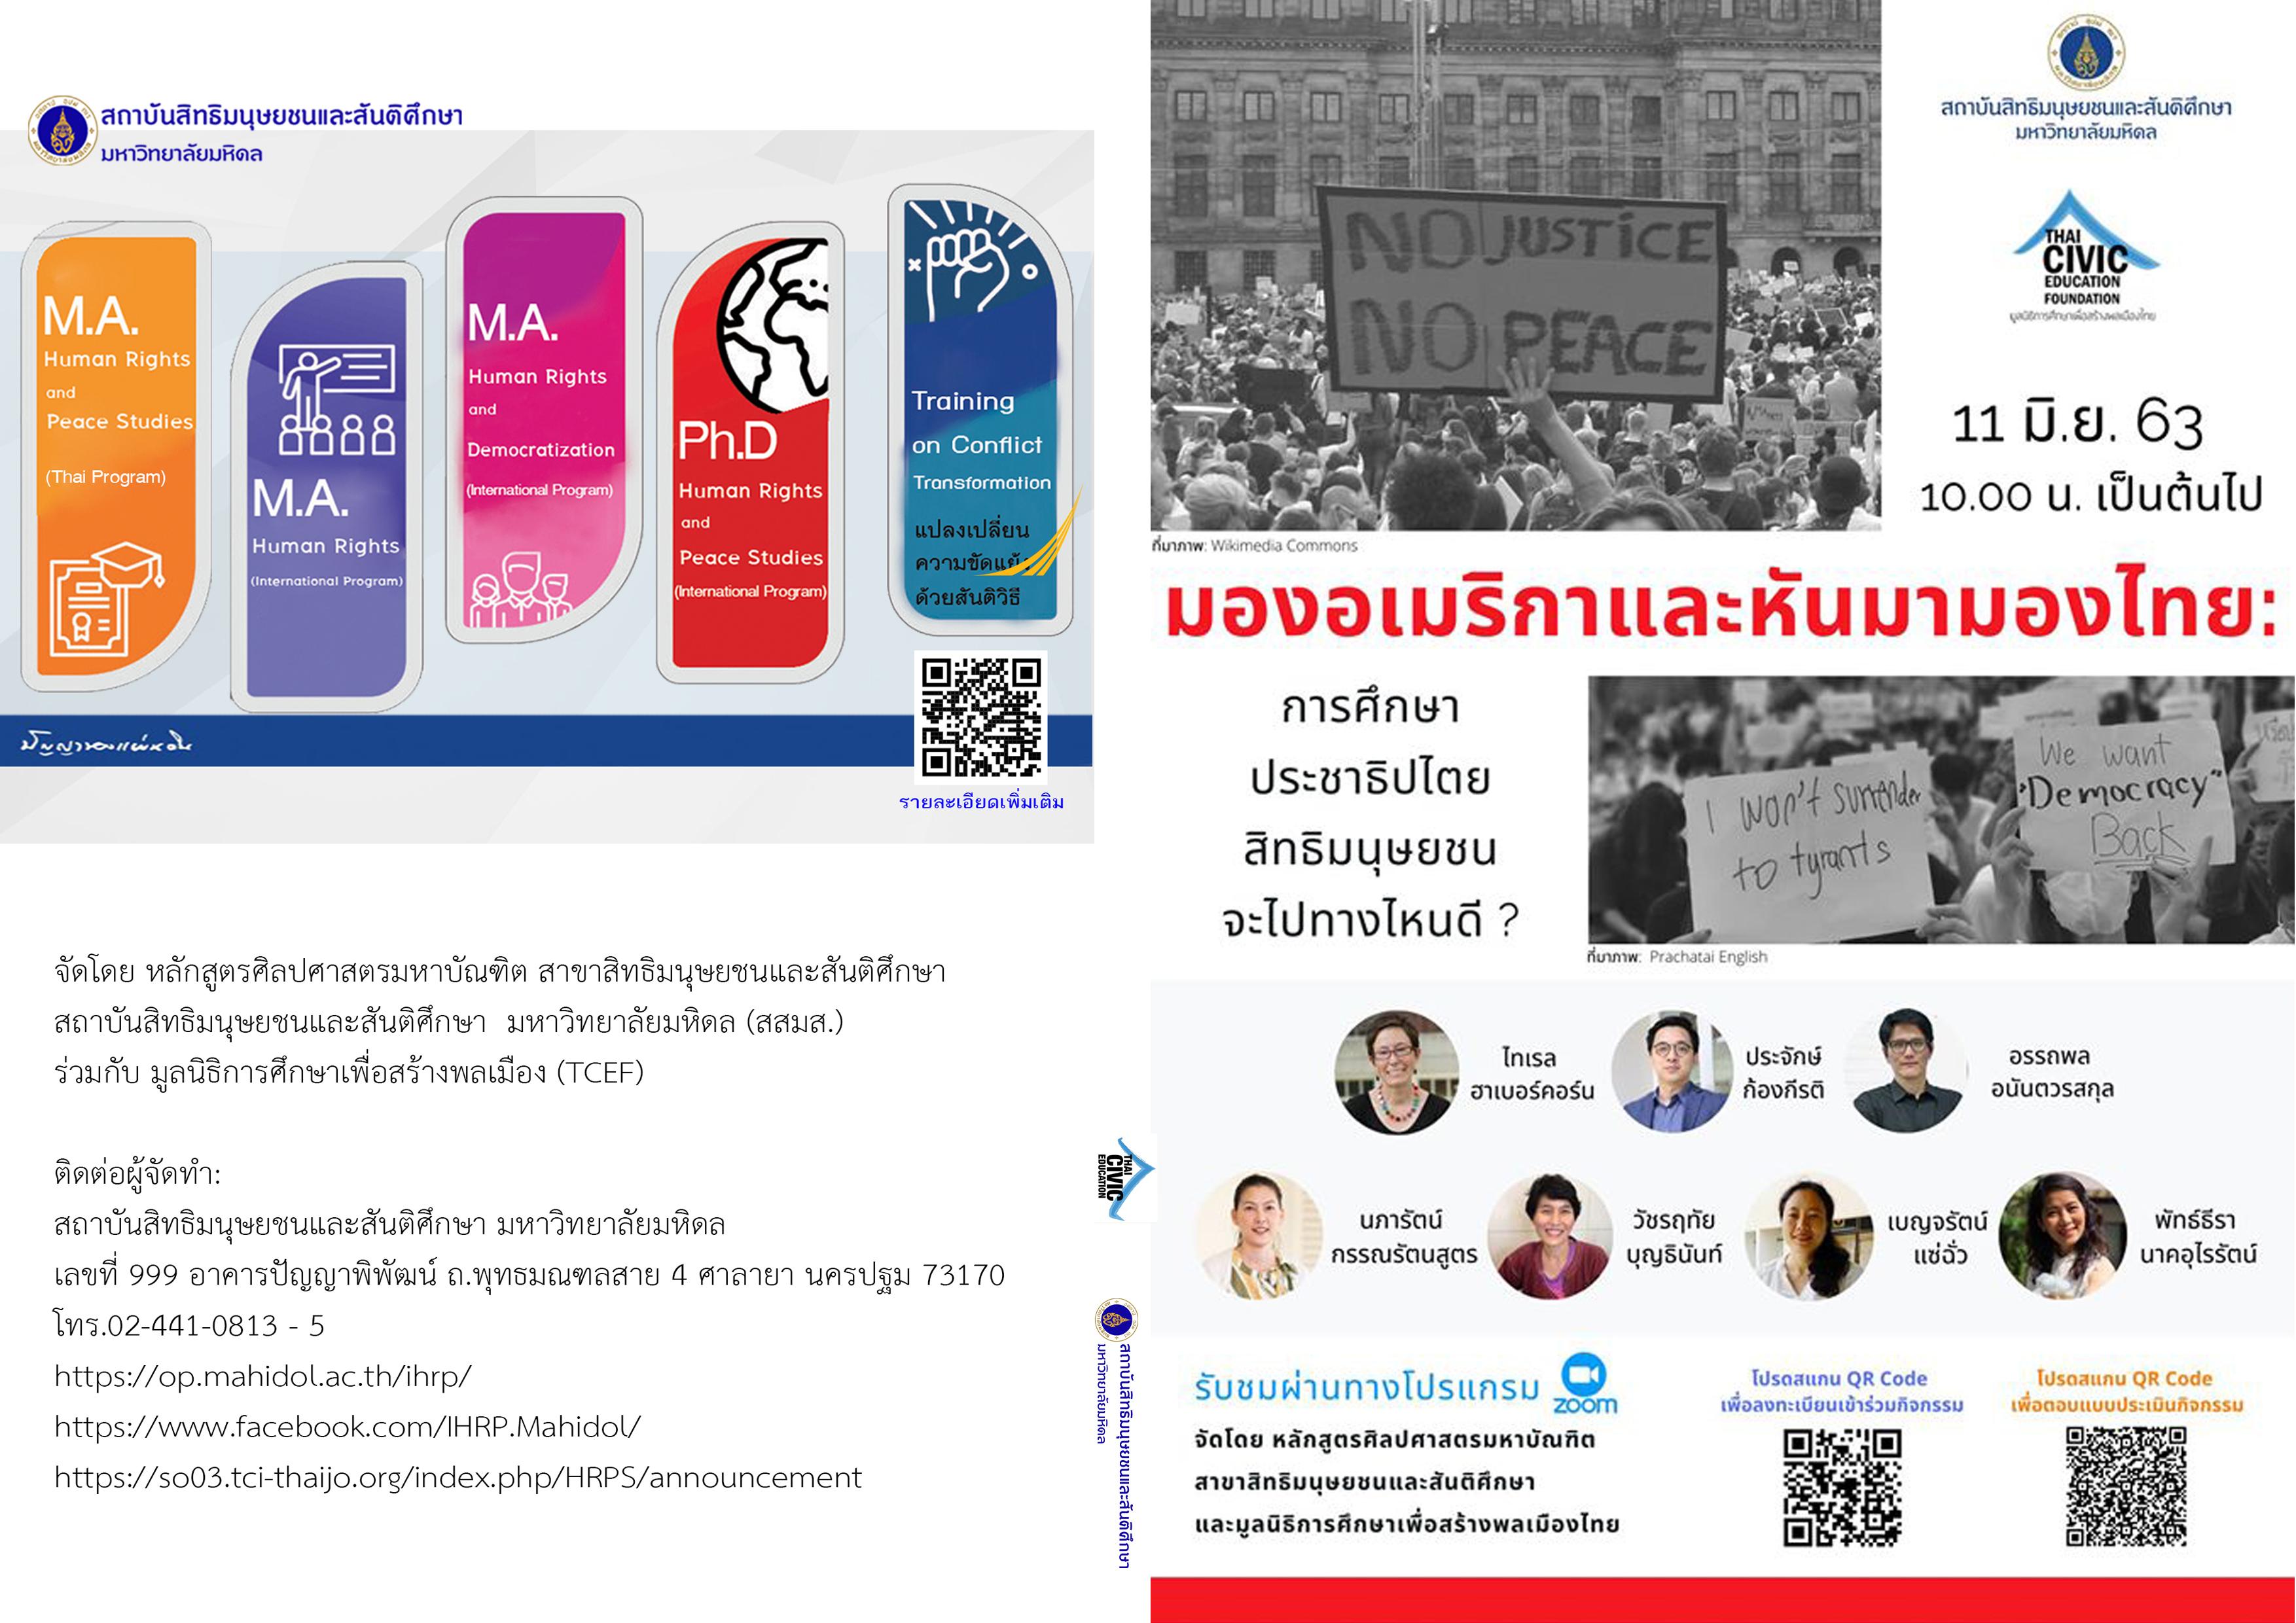 ปกหน้า-หลัง_มองอเมริกาหันมองไทย